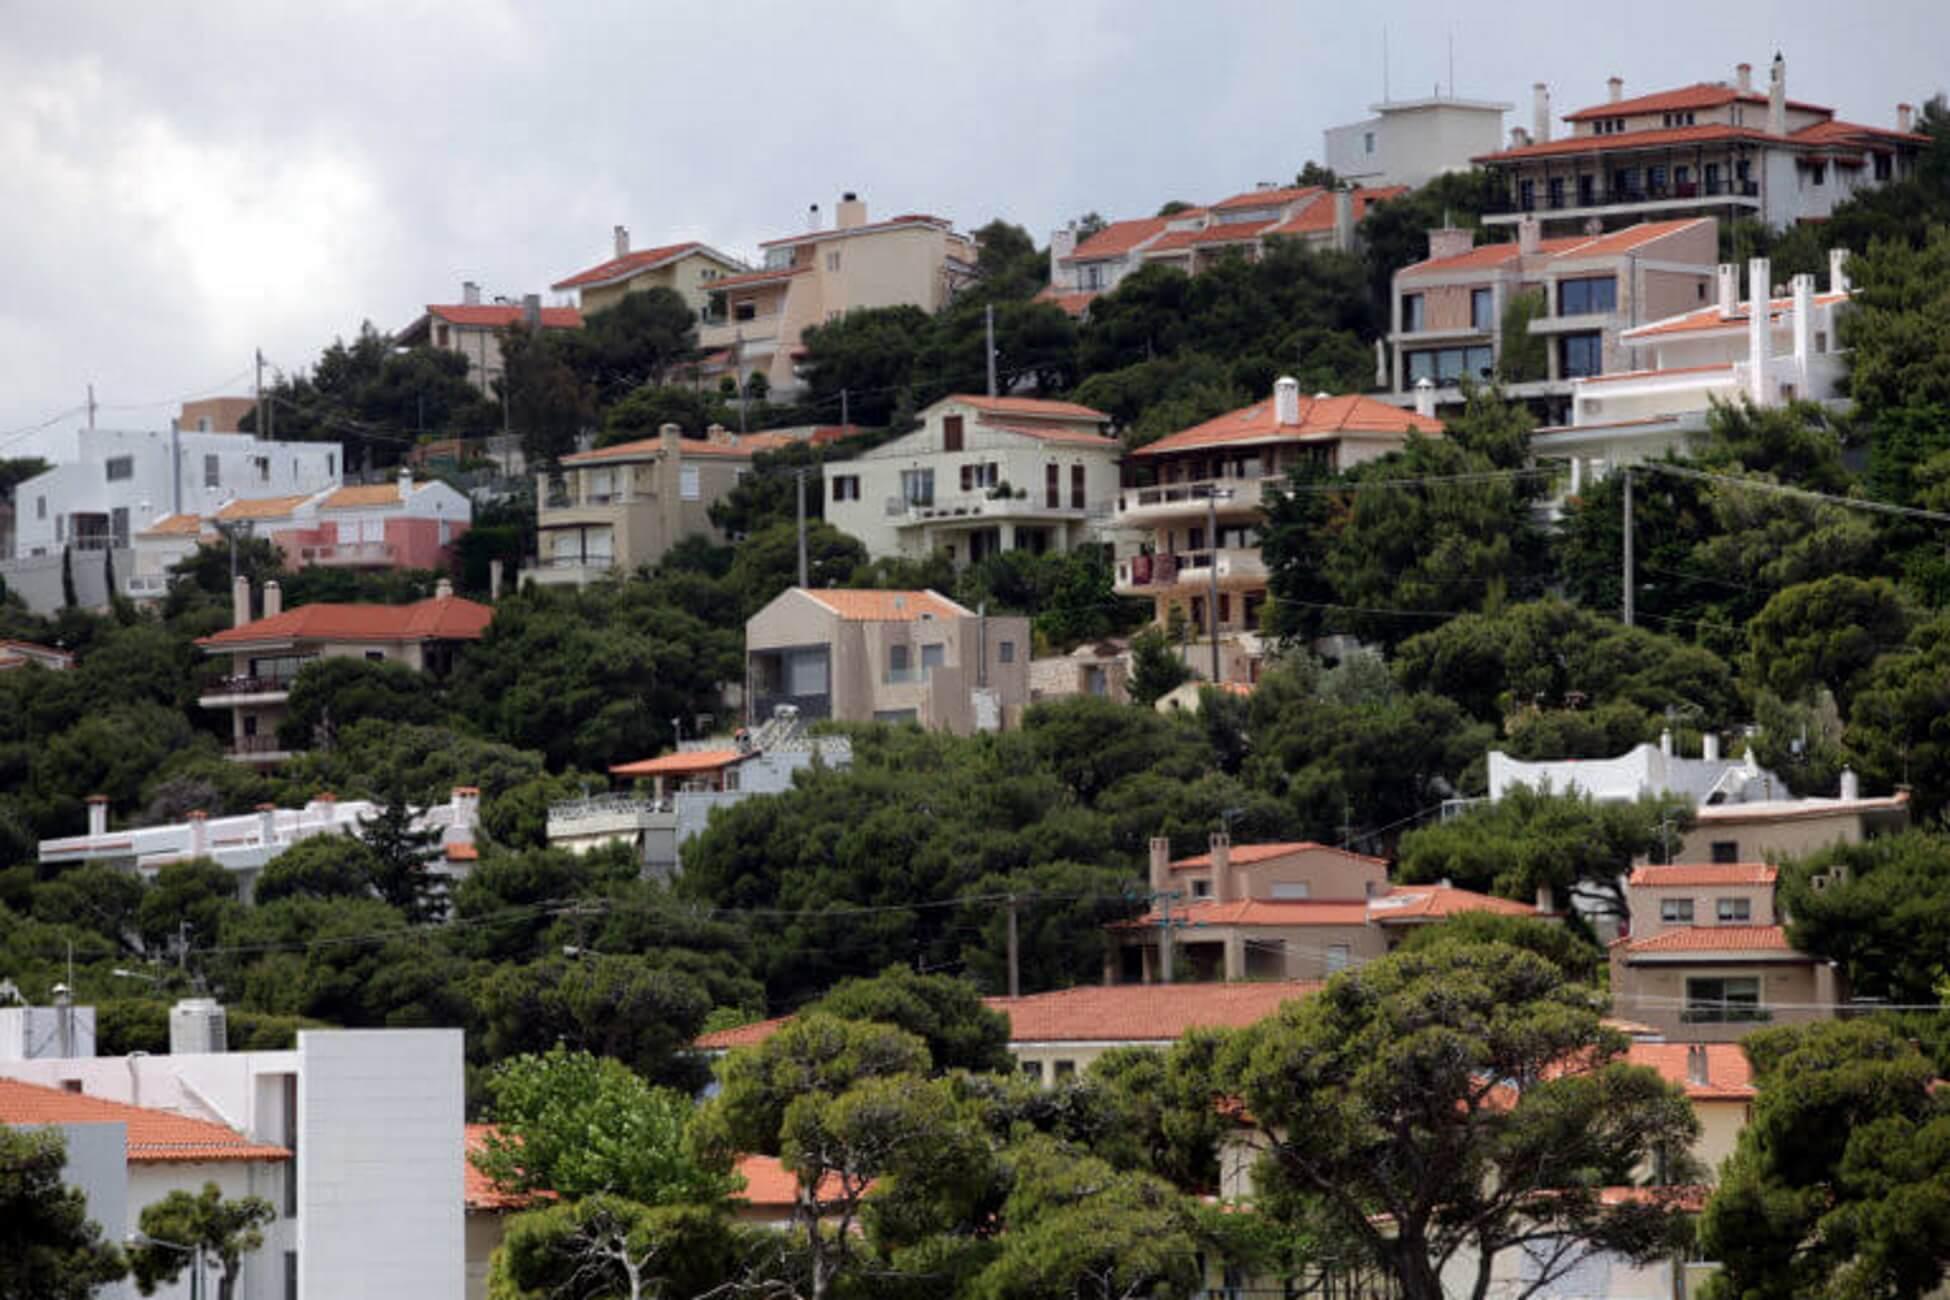 Ακίνητα: Όλα όσα πρέπει να γνωρίζουν οι ιδιοκτήτες για την συμπλήρωση του Ε2